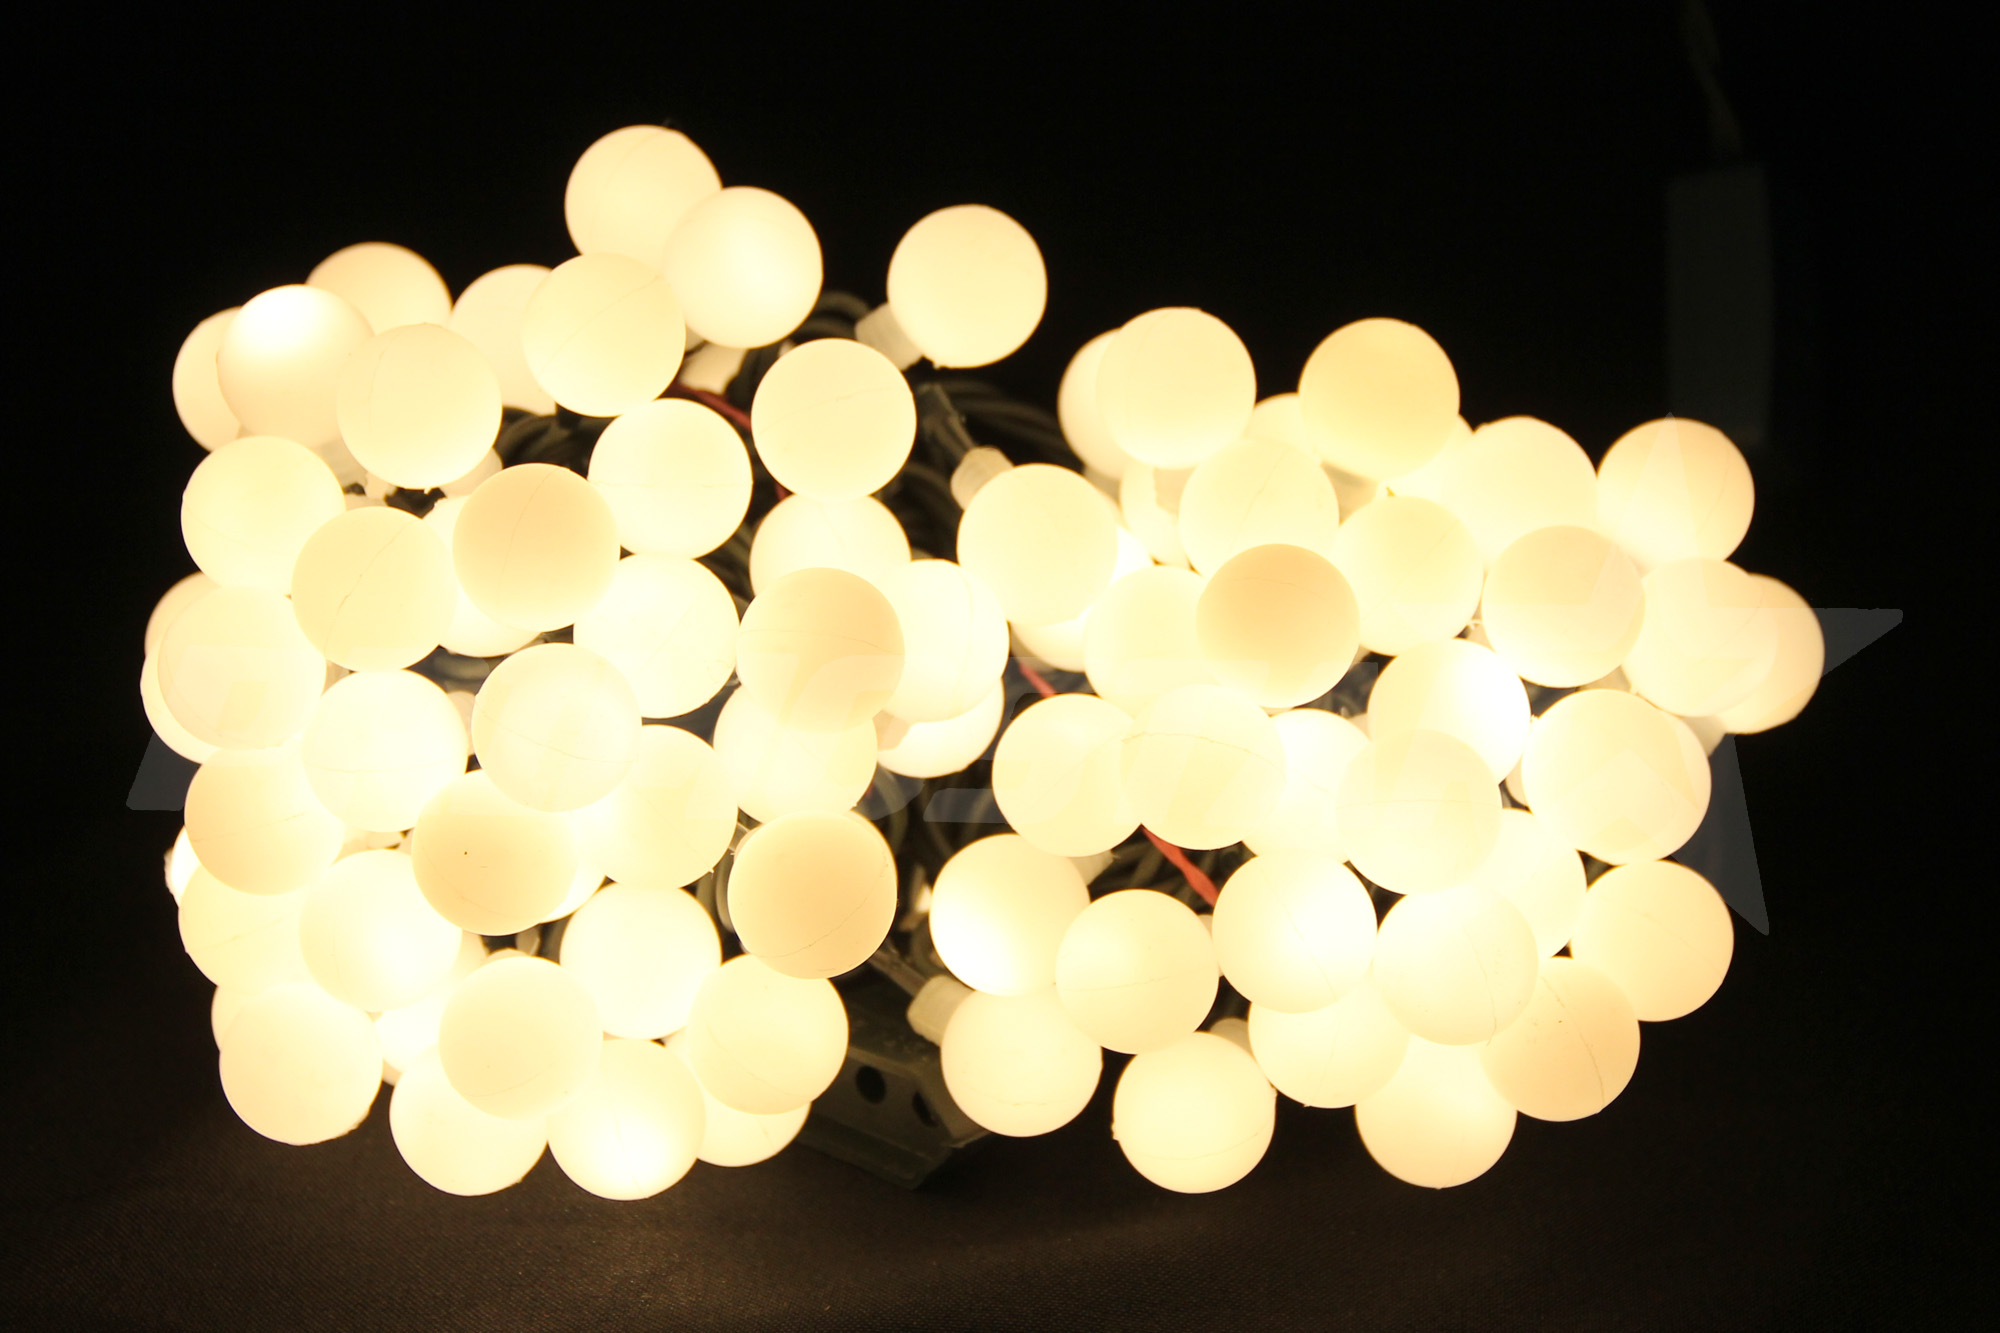 lampki led 80 kulki ciepla biel